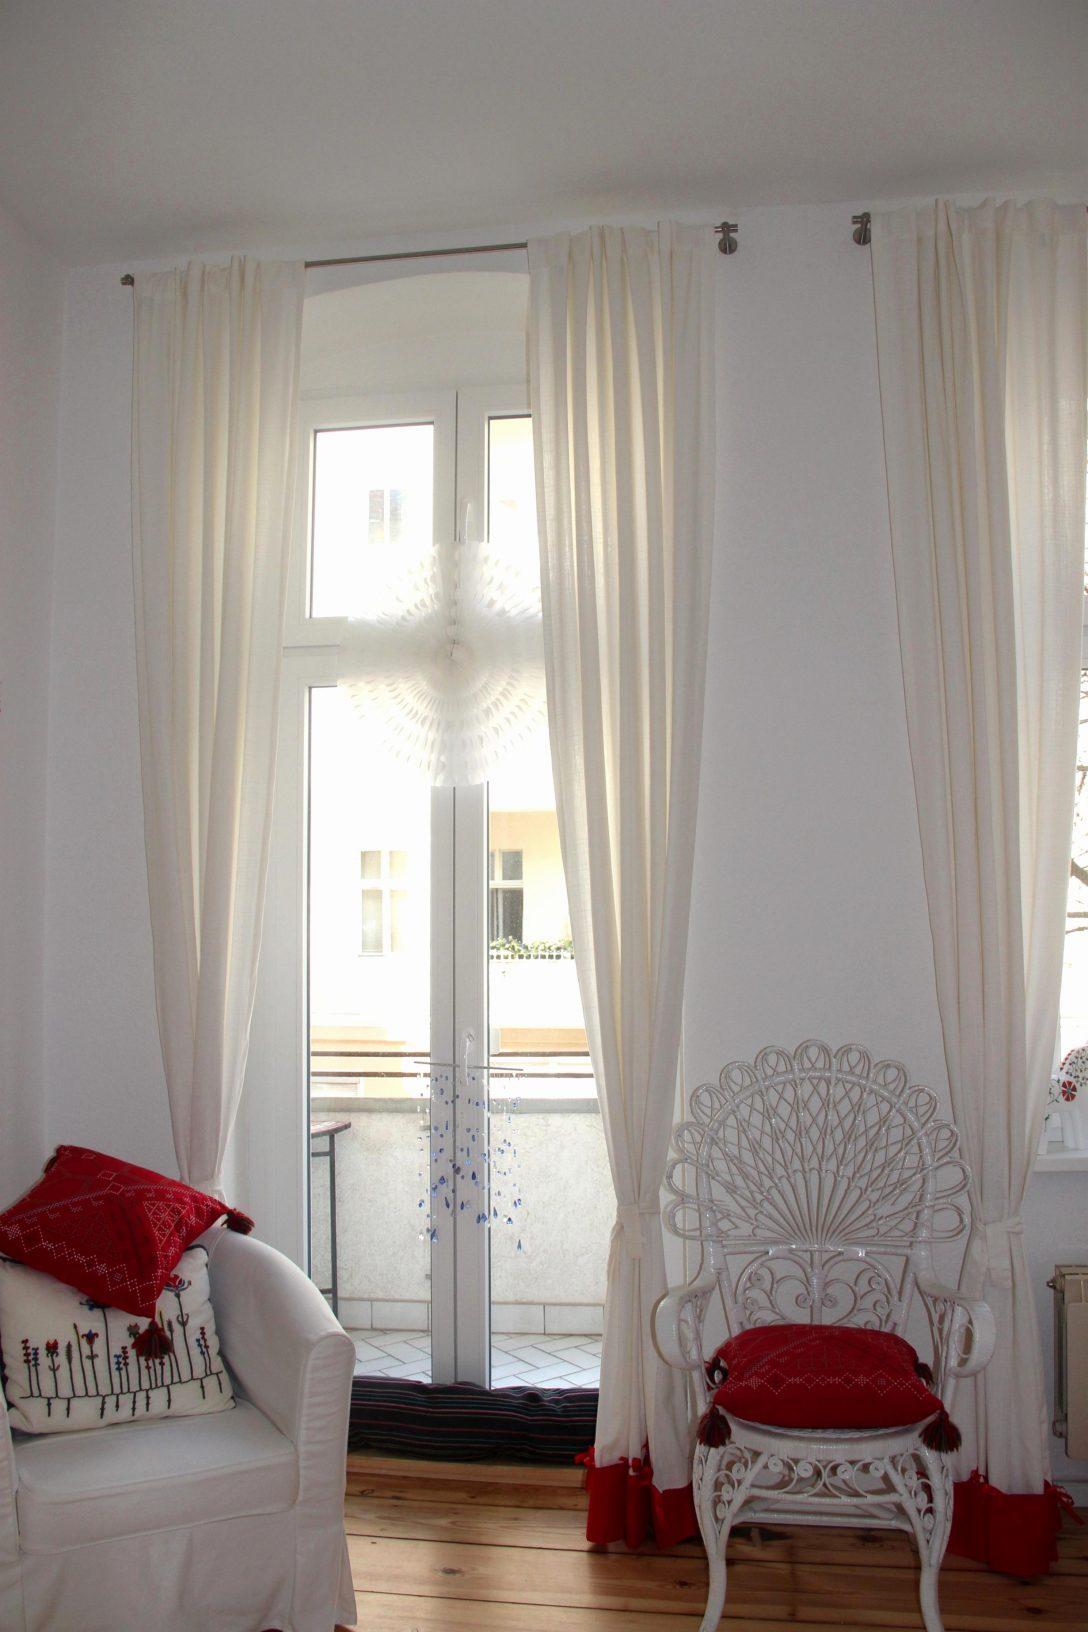 Large Size of Fensterdekoration Gardinen Beispiele Bad Ideen Für Die Küche Scheibengardinen Fenster Schlafzimmer Wohnzimmer Wohnzimmer Fensterdekoration Gardinen Beispiele